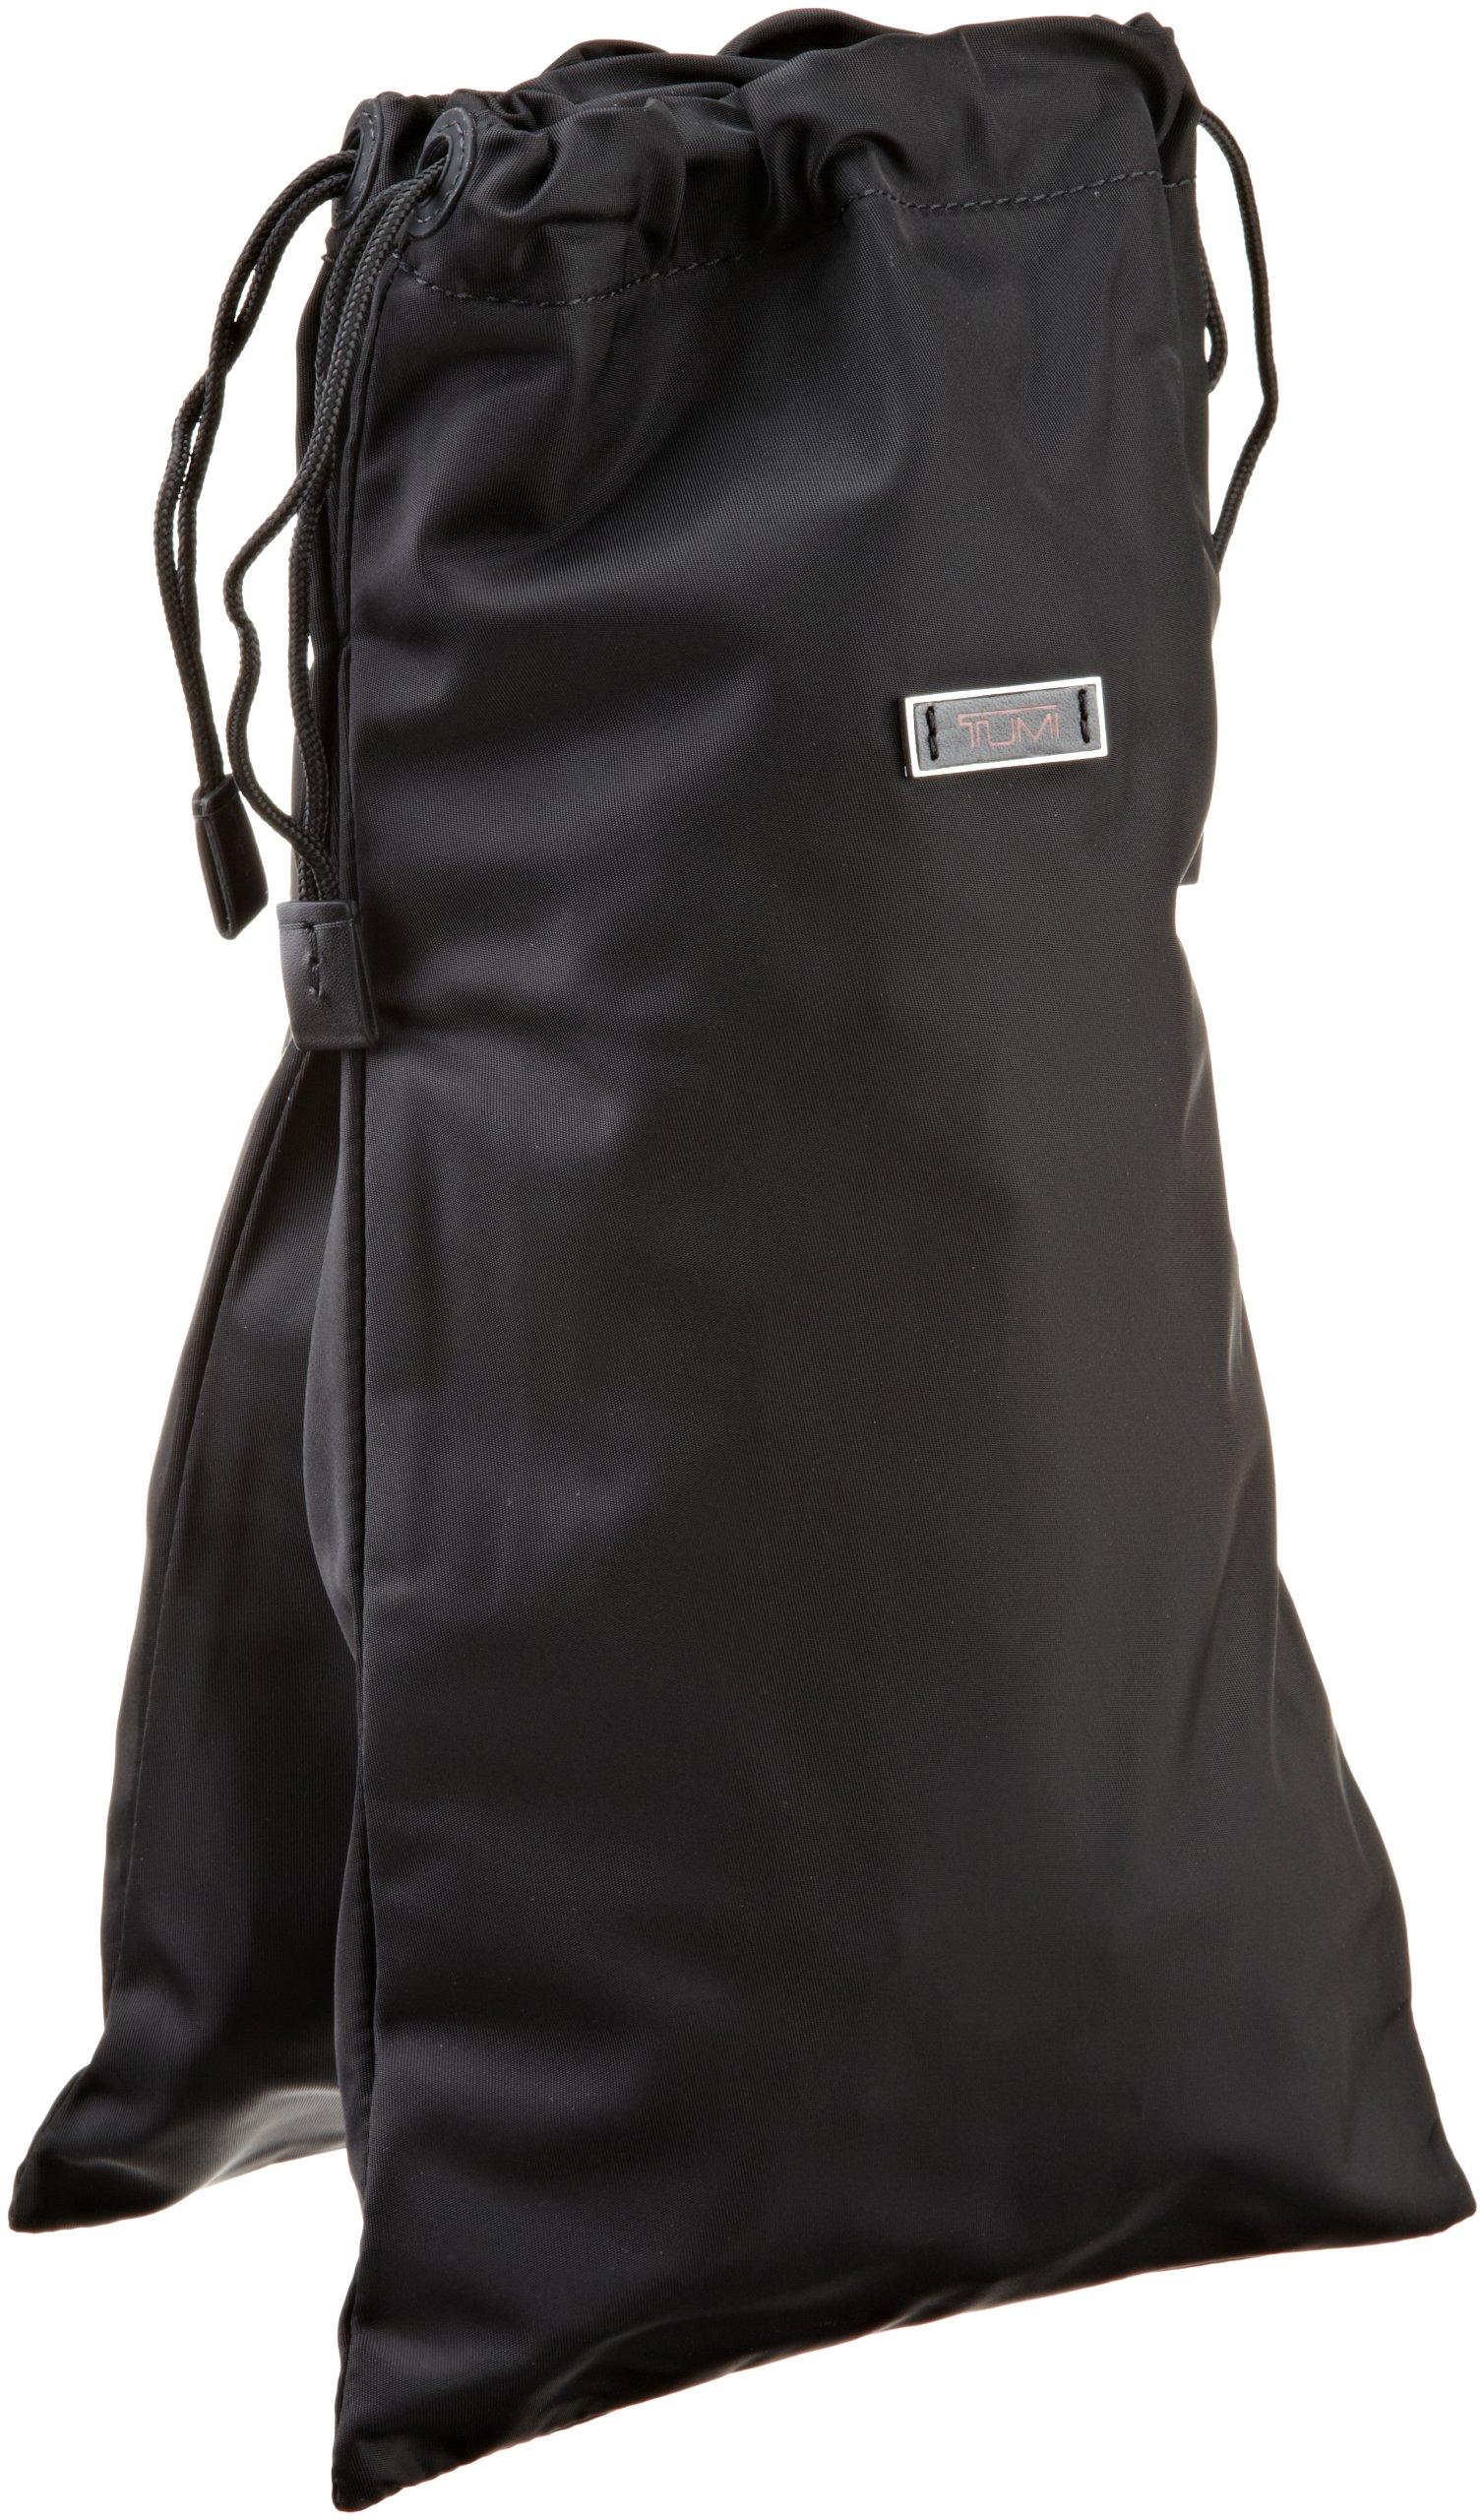 Tumi Luggage Shoe Bag Set, Black, Medium